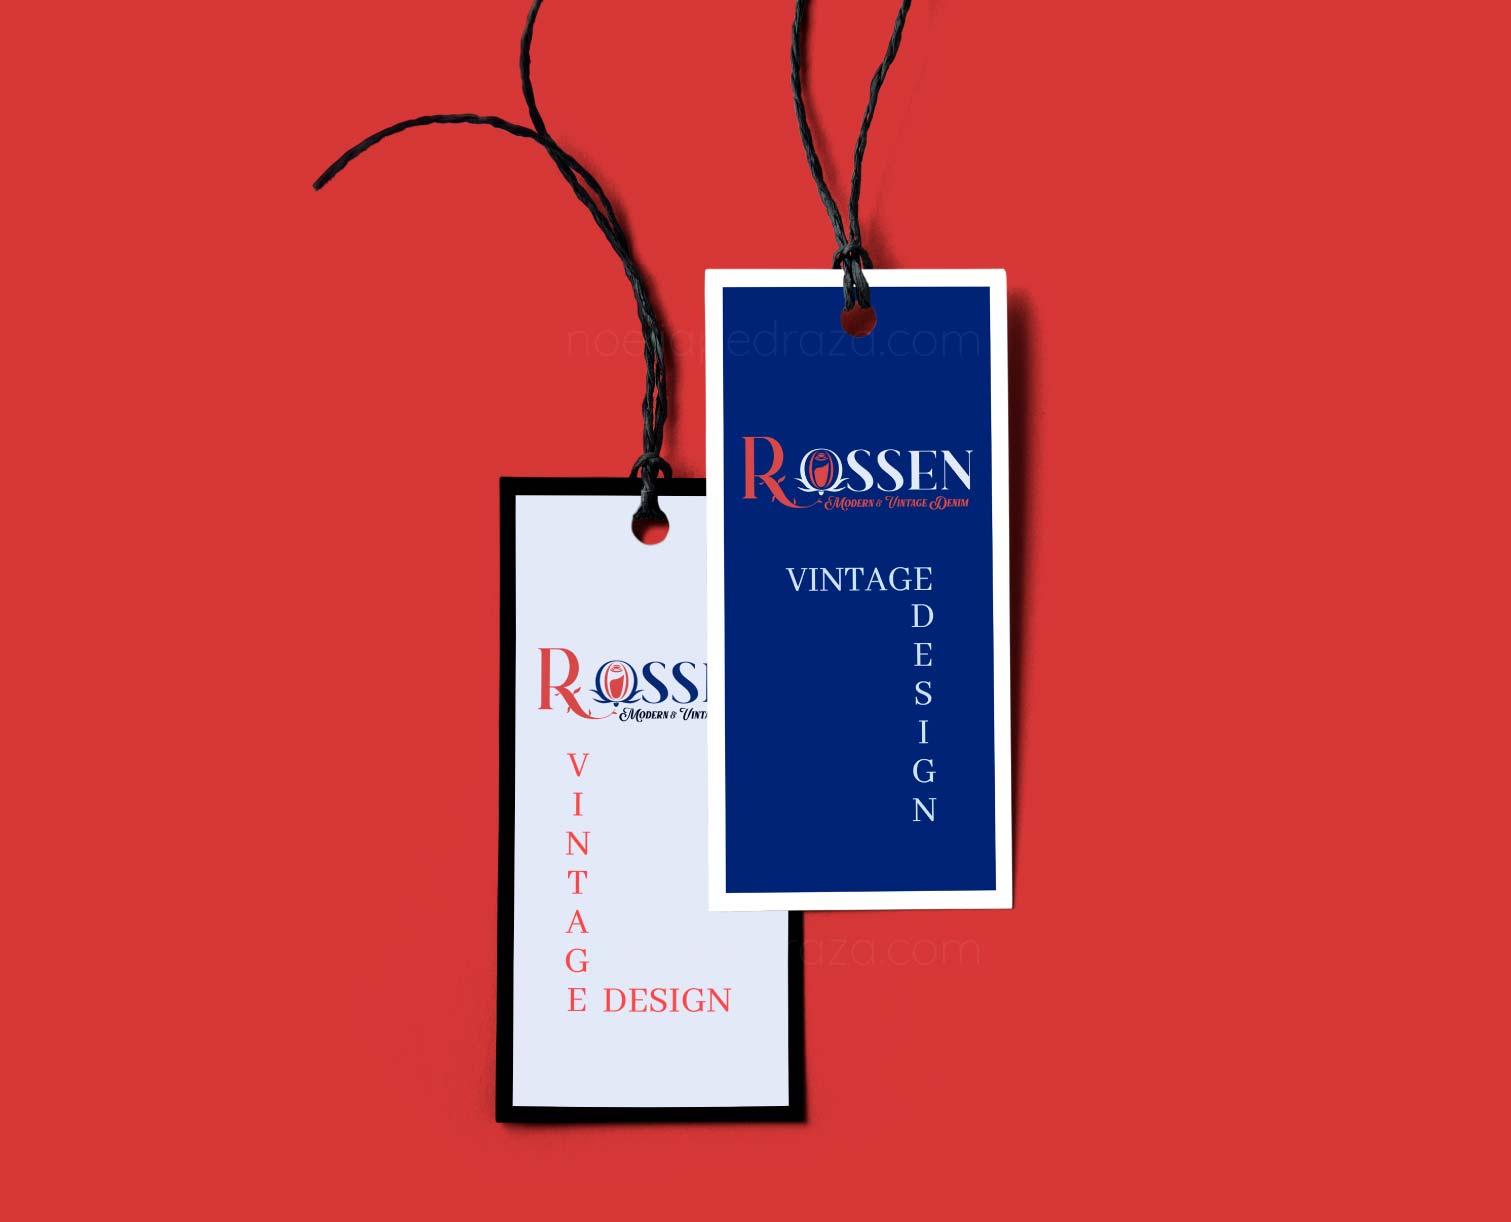 Diseño de etiquetas para tienda de ropa denim Rossen